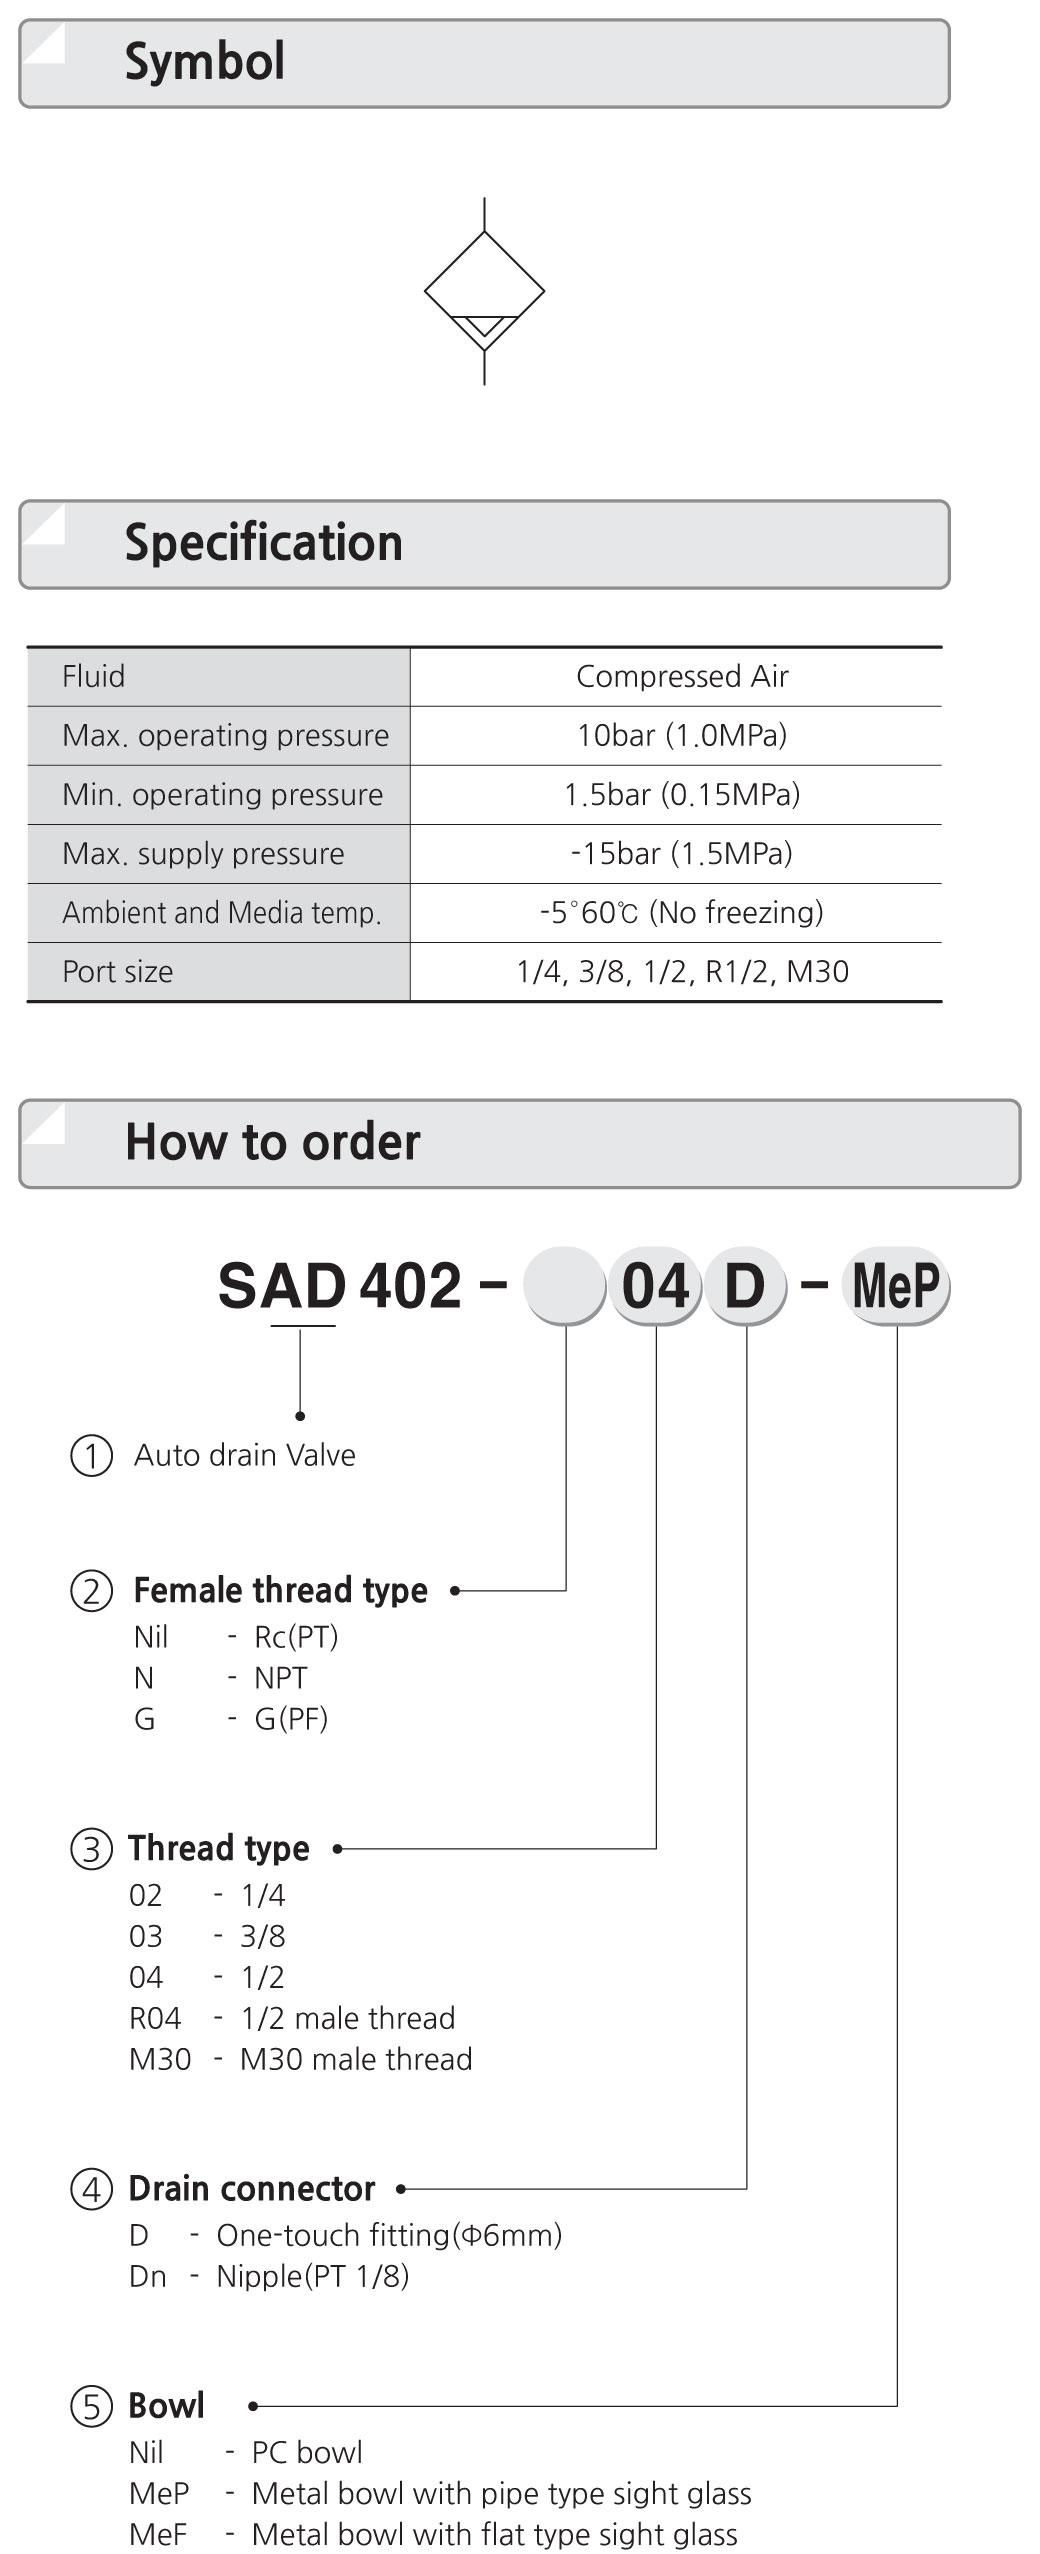 cốc xả nước bình tích | Auto Drain | xả đáy bình tích | bộ xả đáy bình tích áp | thiết bị xả đáy bình ngưng | SAD402-04D | SAD402-03D | SAD402-02D